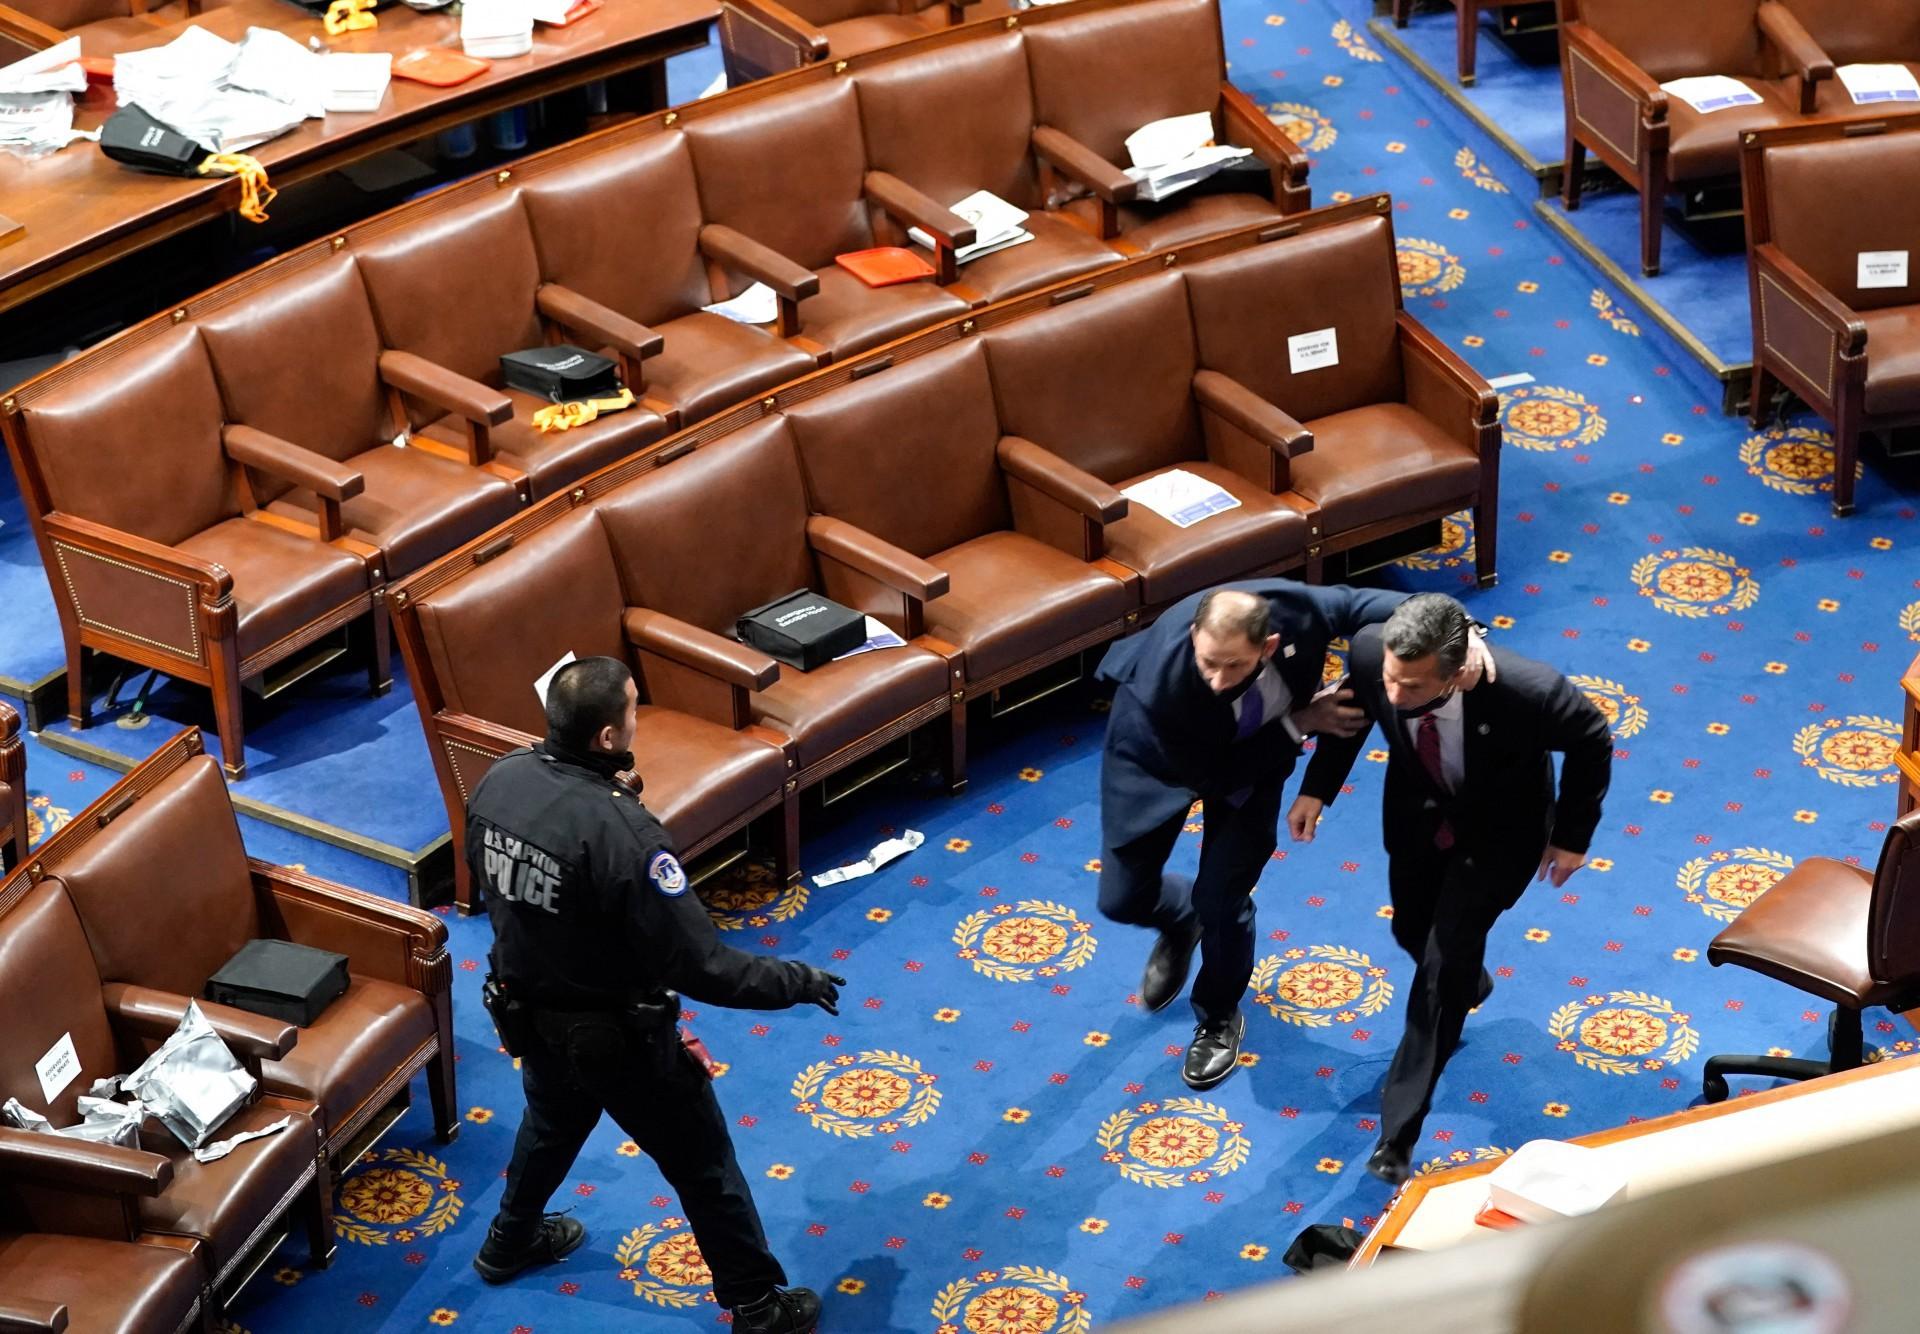 (Foto: Drew Angerer/AFP)WASHINGTON, DC - 06 de janeiro: Membros do Congresso concorrem para se esconder enquanto os manifestantes tentam entrar na Câmara da Câmara durante uma sessão conjunta do Congresso em 6 de janeiro de 2021 em Washington, DC O Congresso realizou uma sessão conjunta hoje para ratificar a vitória do Colégio Eleitoral 306-232 do presidente eleito Joe Biden sobre o presidente Donald Trump. Um grupo de senadores republicanos disse que rejeitaria os votos do Colégio Eleitoral de vários estados, a menos que o Congresso designasse uma comissão para auditar os resultados das eleições. Drew Angerer / Getty Images / AFP